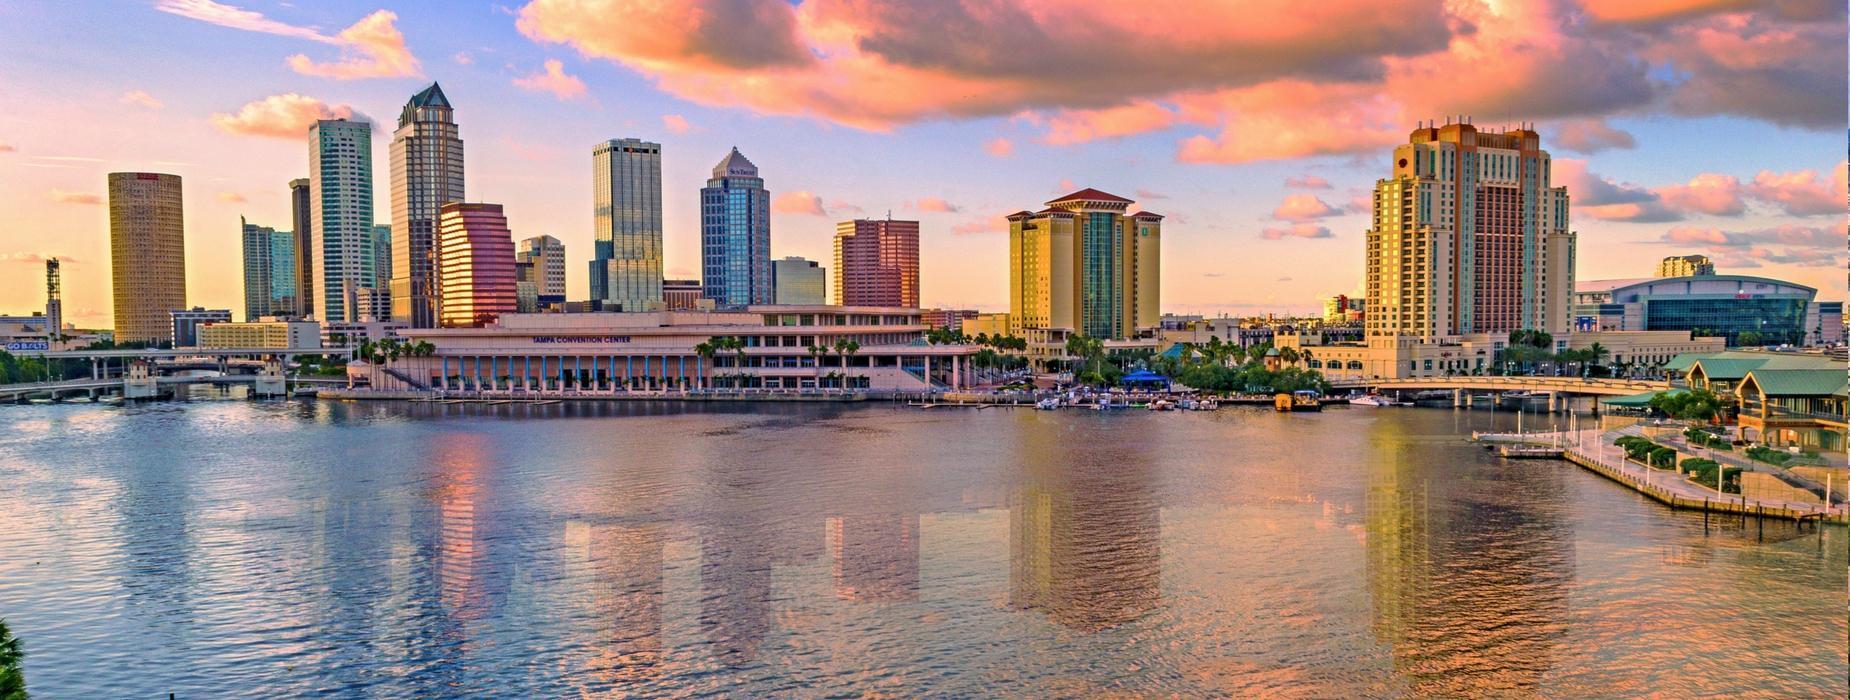 South Tampa Real Estate & Beyond